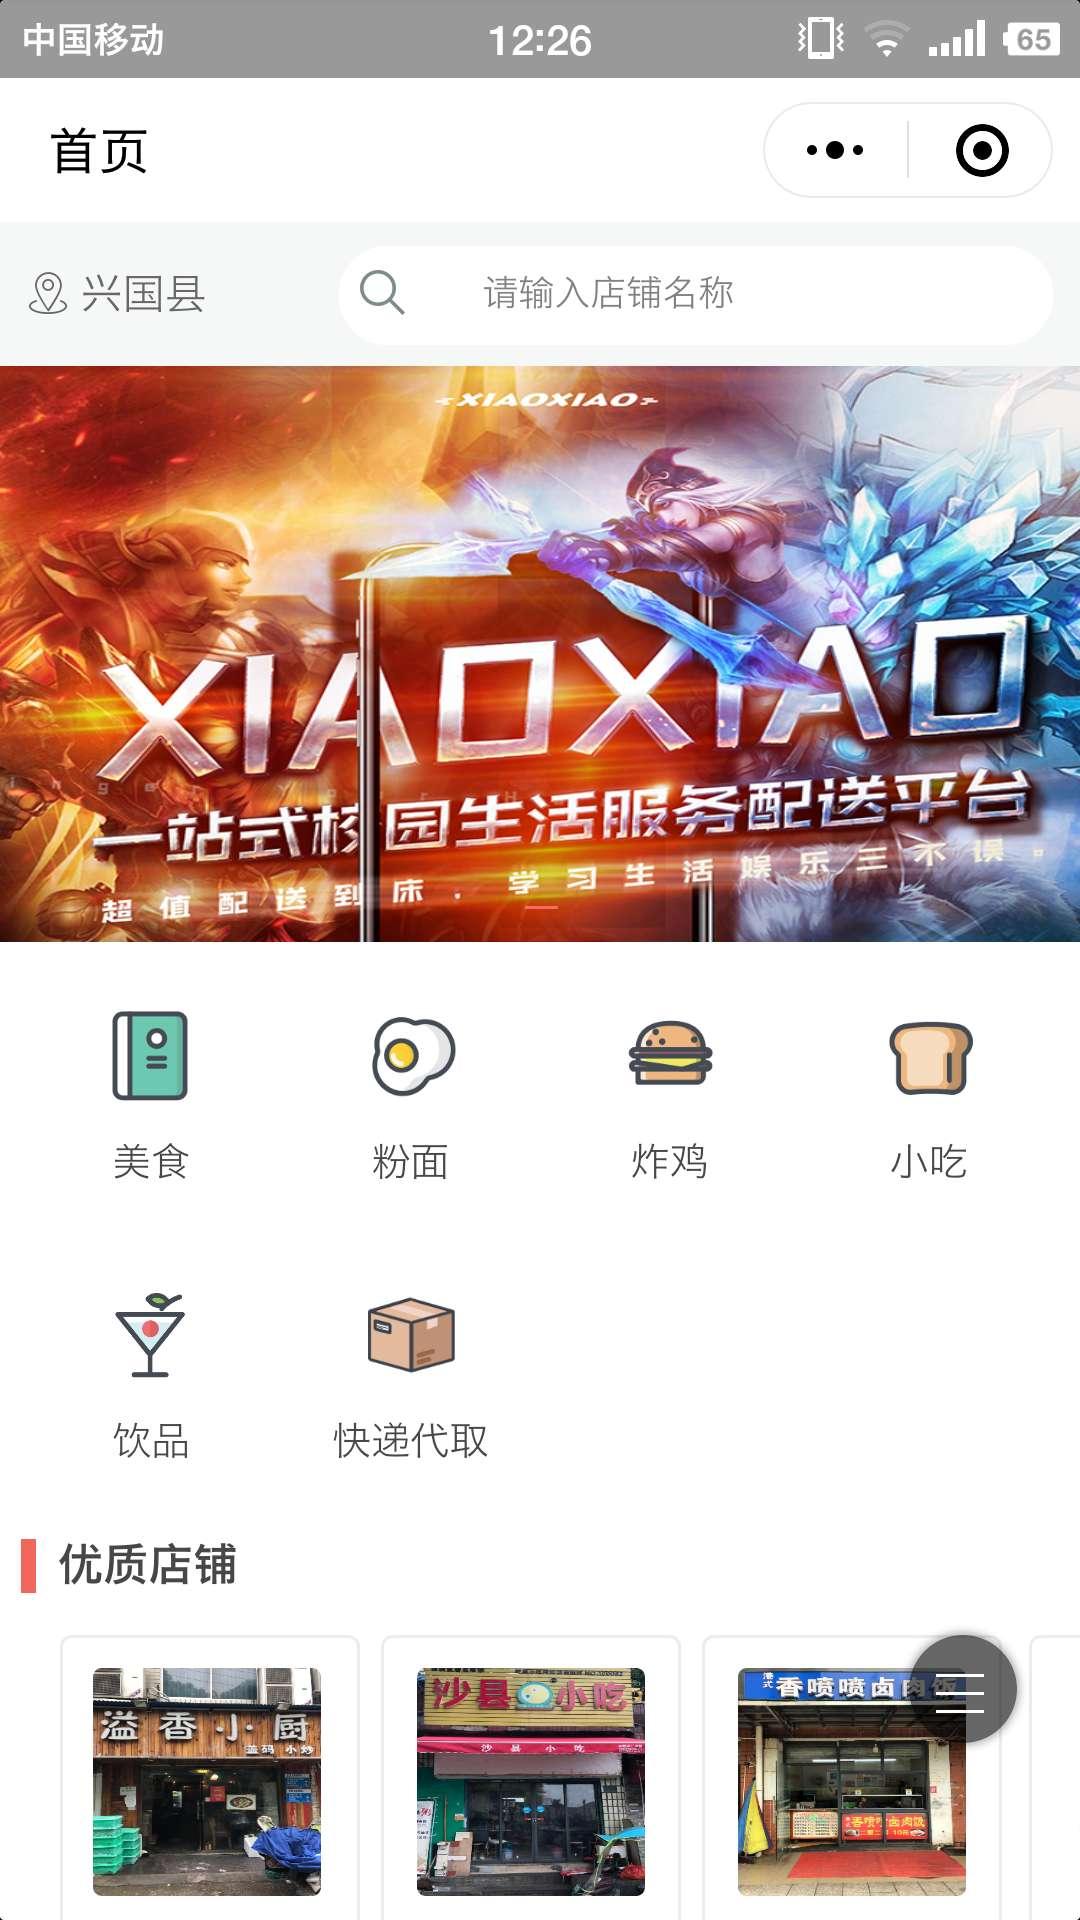 xiaoxiao一站式校园生活服务商家效果截图